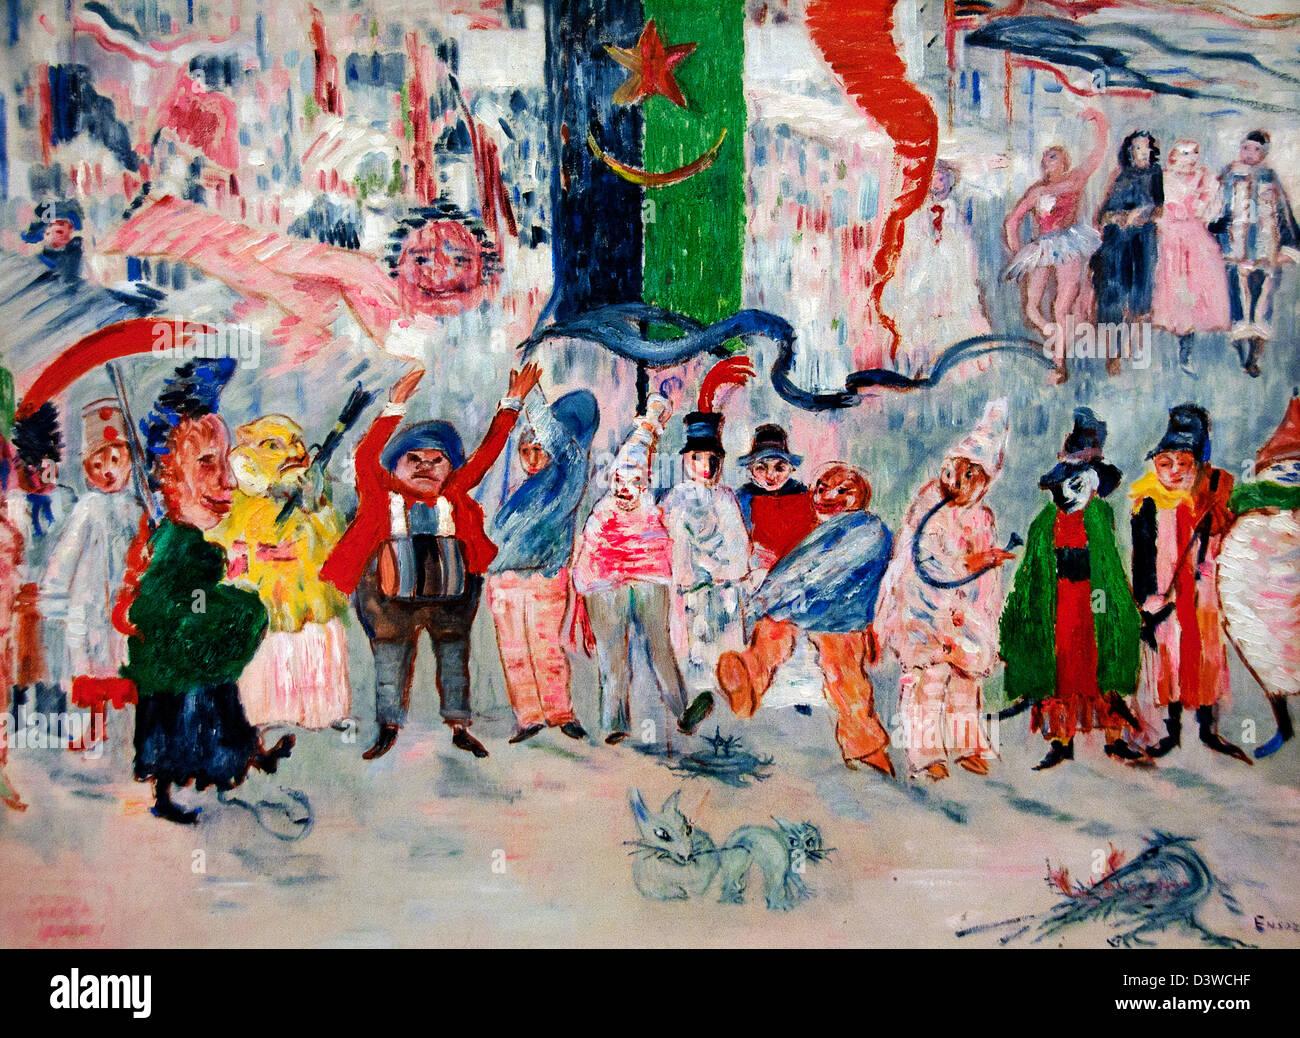 Carnival in Flanders 1929 James Ensor 1860-1949  Belgian Belgium - Stock Image